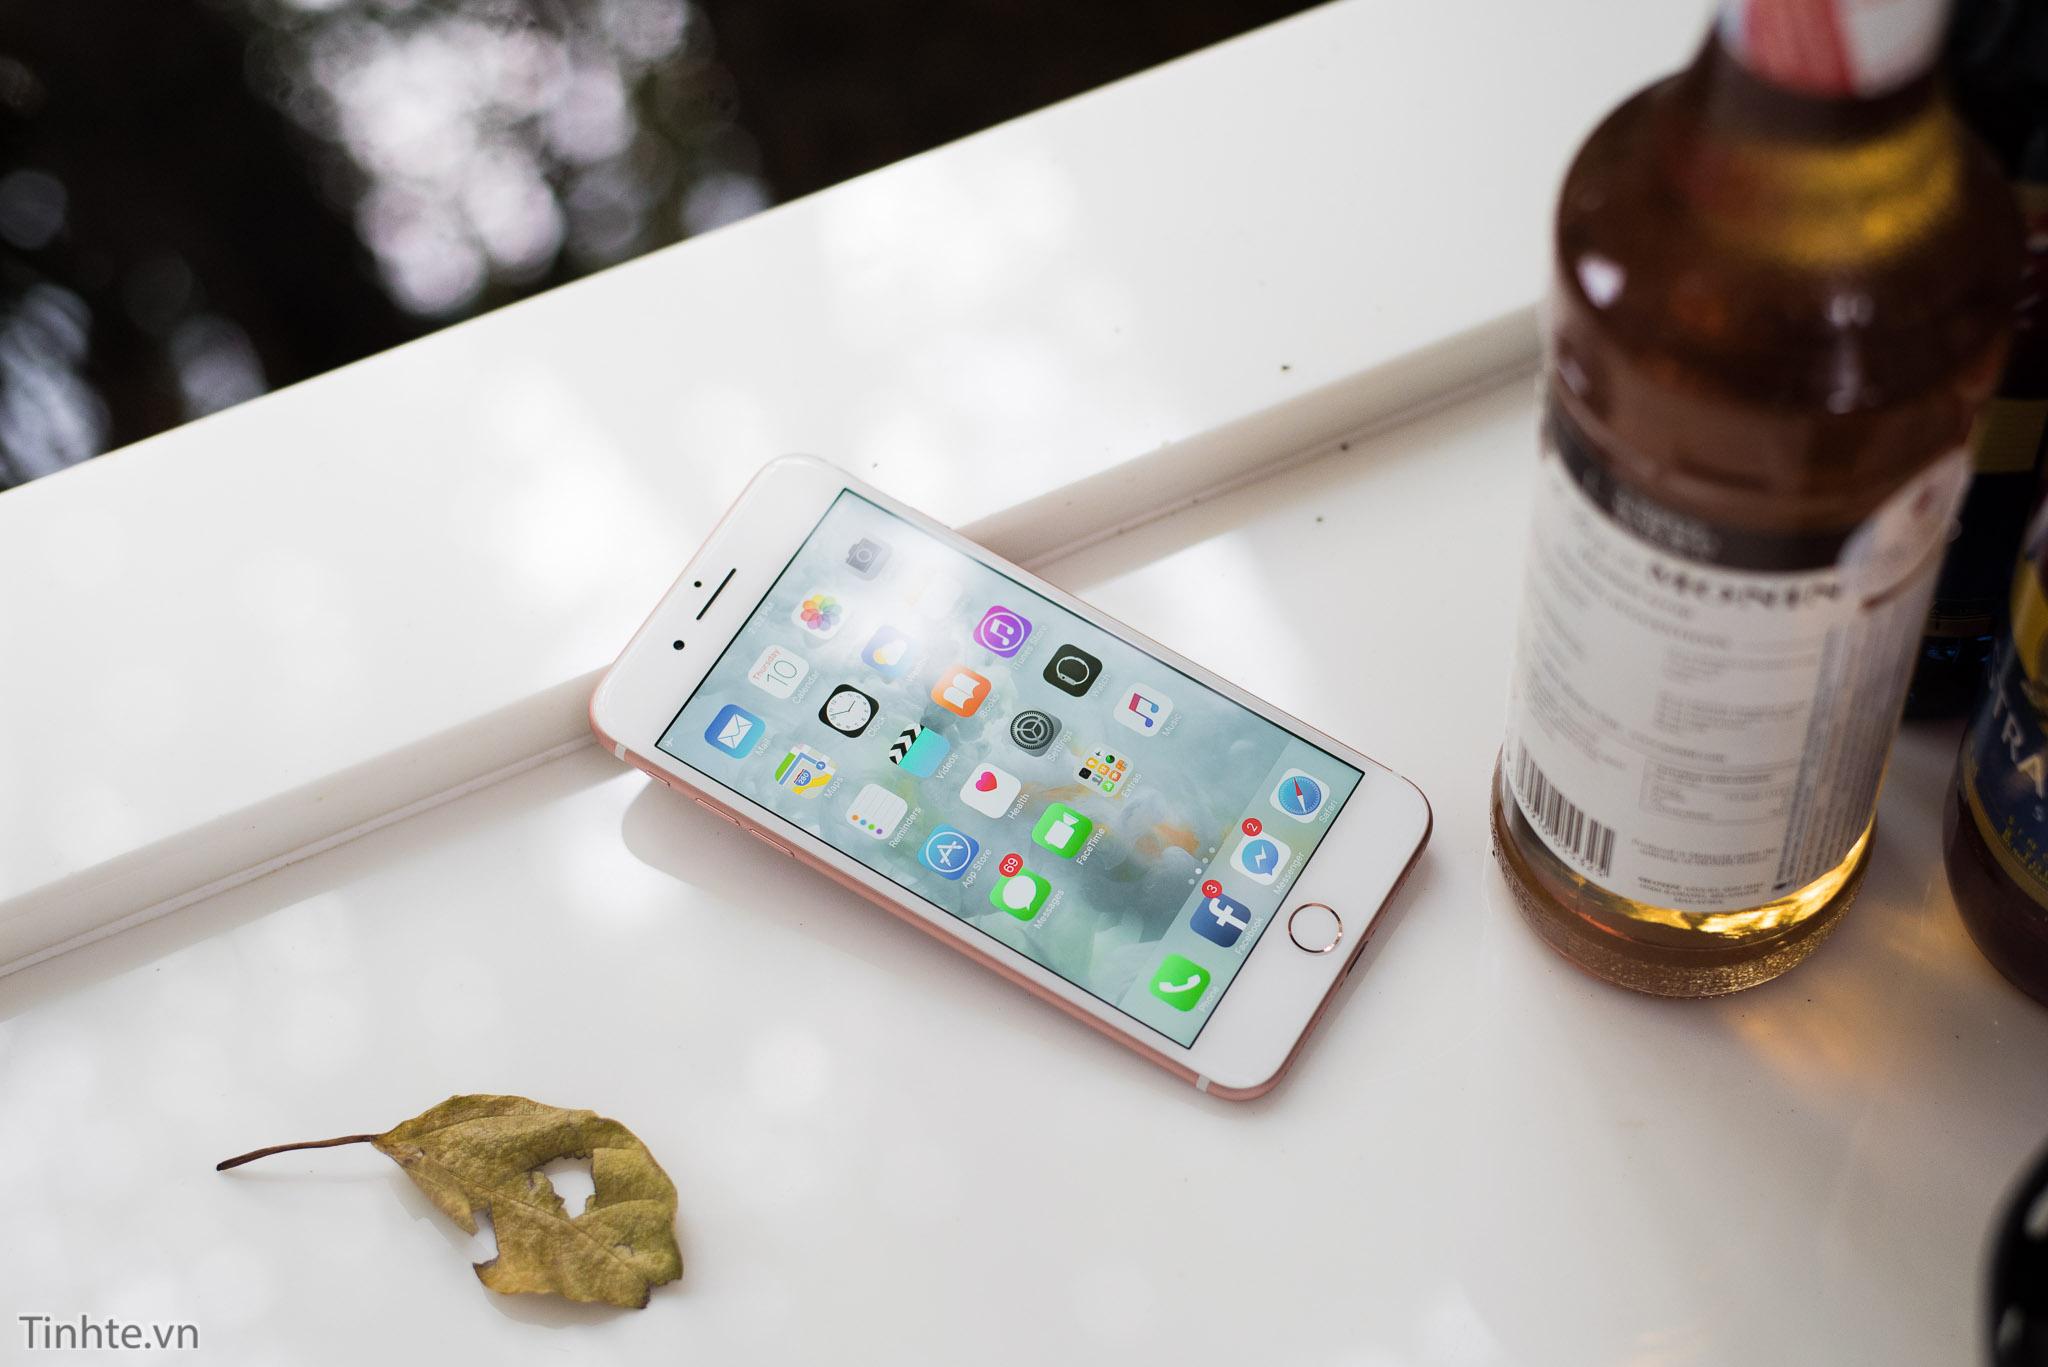 iPhone_10_nam_thay_doi_cau_hinh_4.jpg